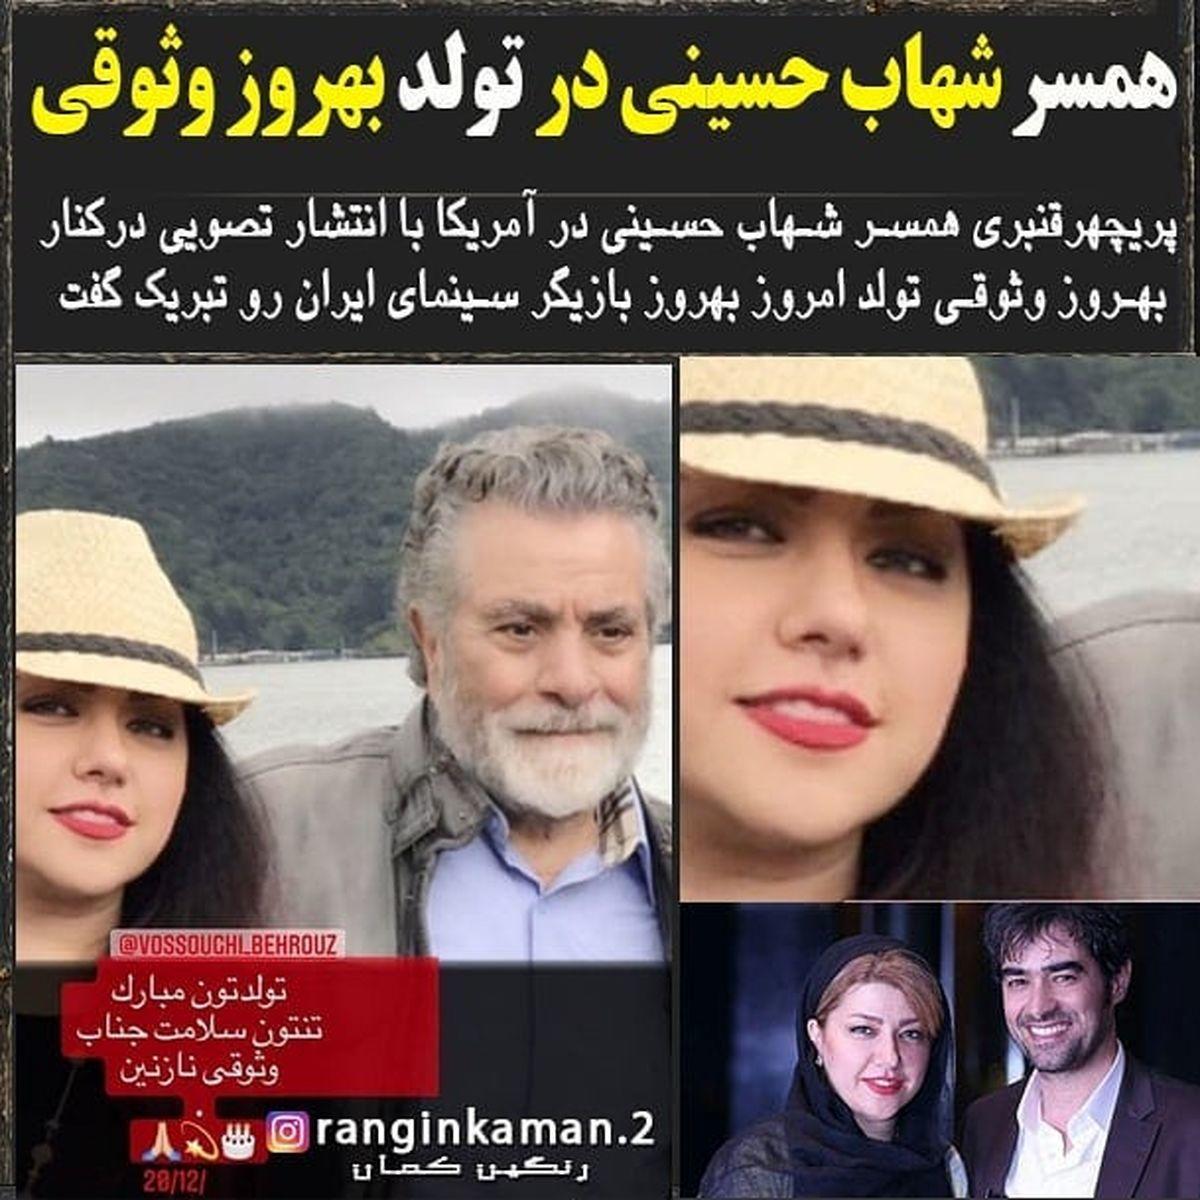 همسر شهاب حسینی و بهروز وثوقی